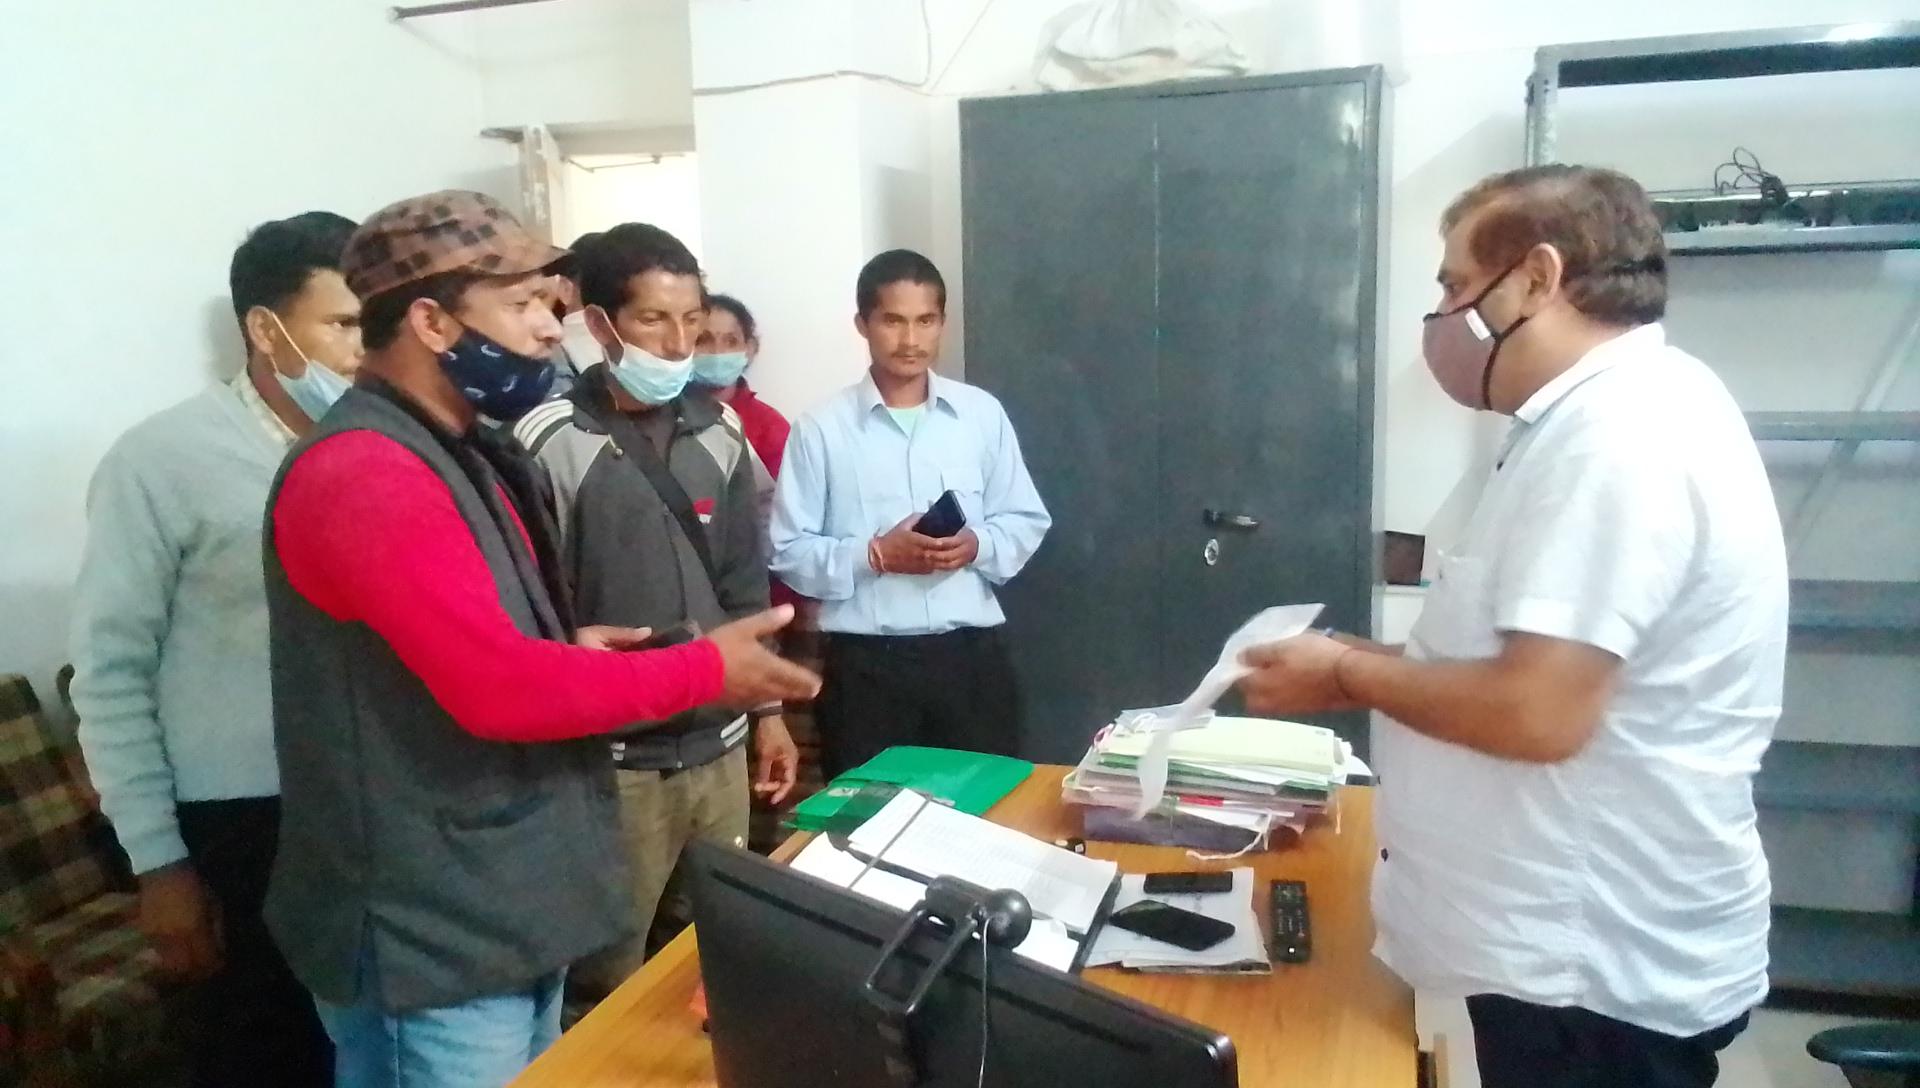 आनी के शिगान में बागवान ने नेपाली मजदूर के पैर तोड़े, सीटू ने SDM को लिखित शिकायत कर FIR दर्ज कर उठाई कार्रवाई की मांग